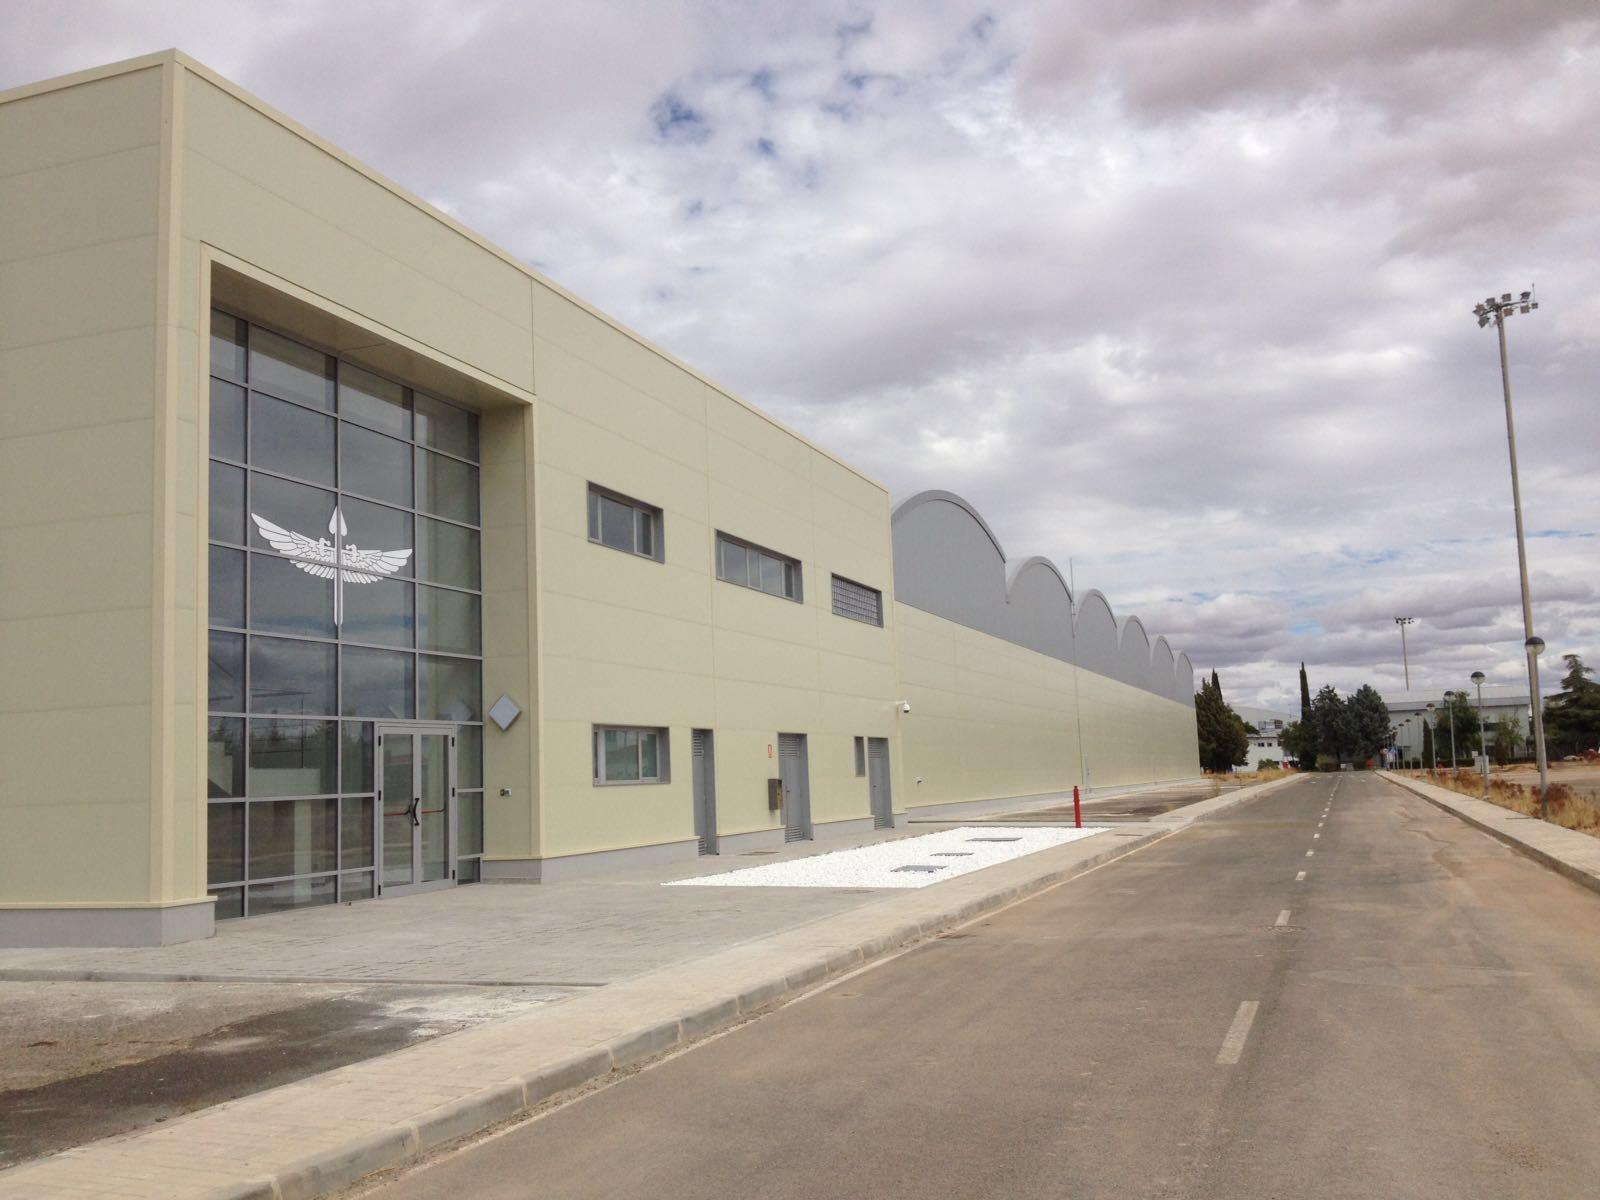 No residencial - Proyectos - Proyecon Galicia - Compañia Base Coronel Sanchez Bilbao en Almagro, Ciudad Real